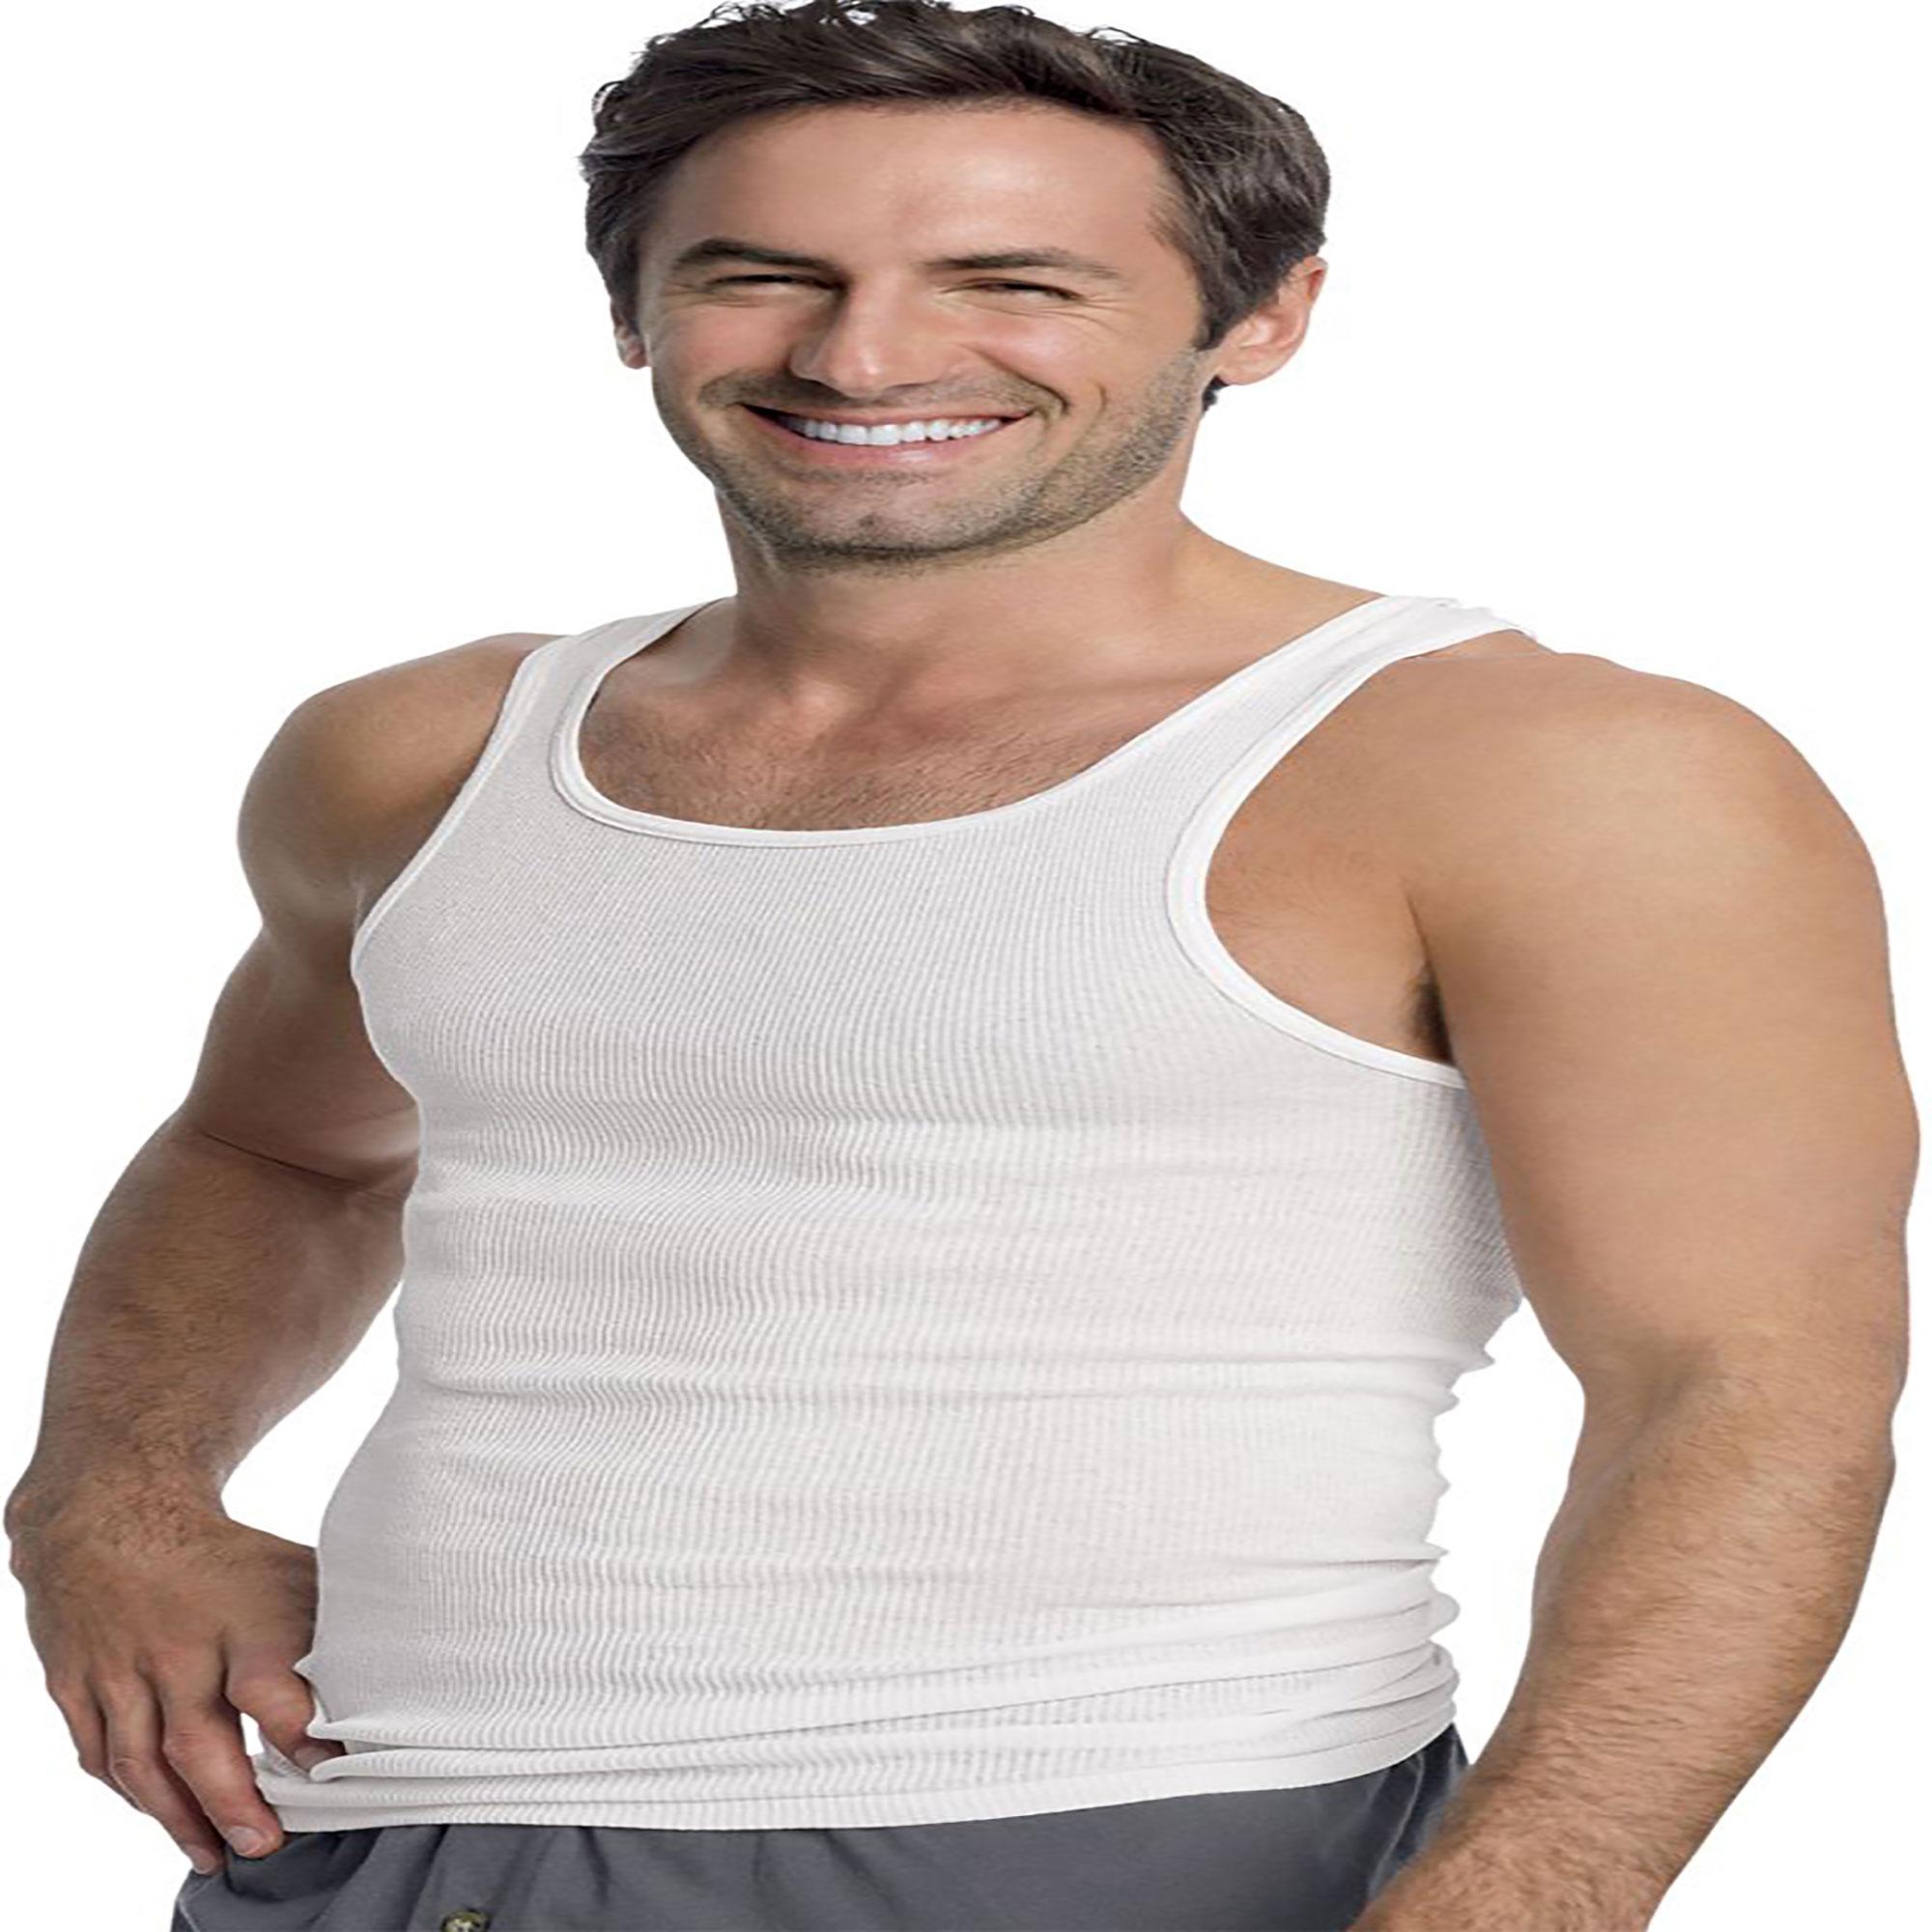 Hanes Mens White A-Shirt 3-Pack 372